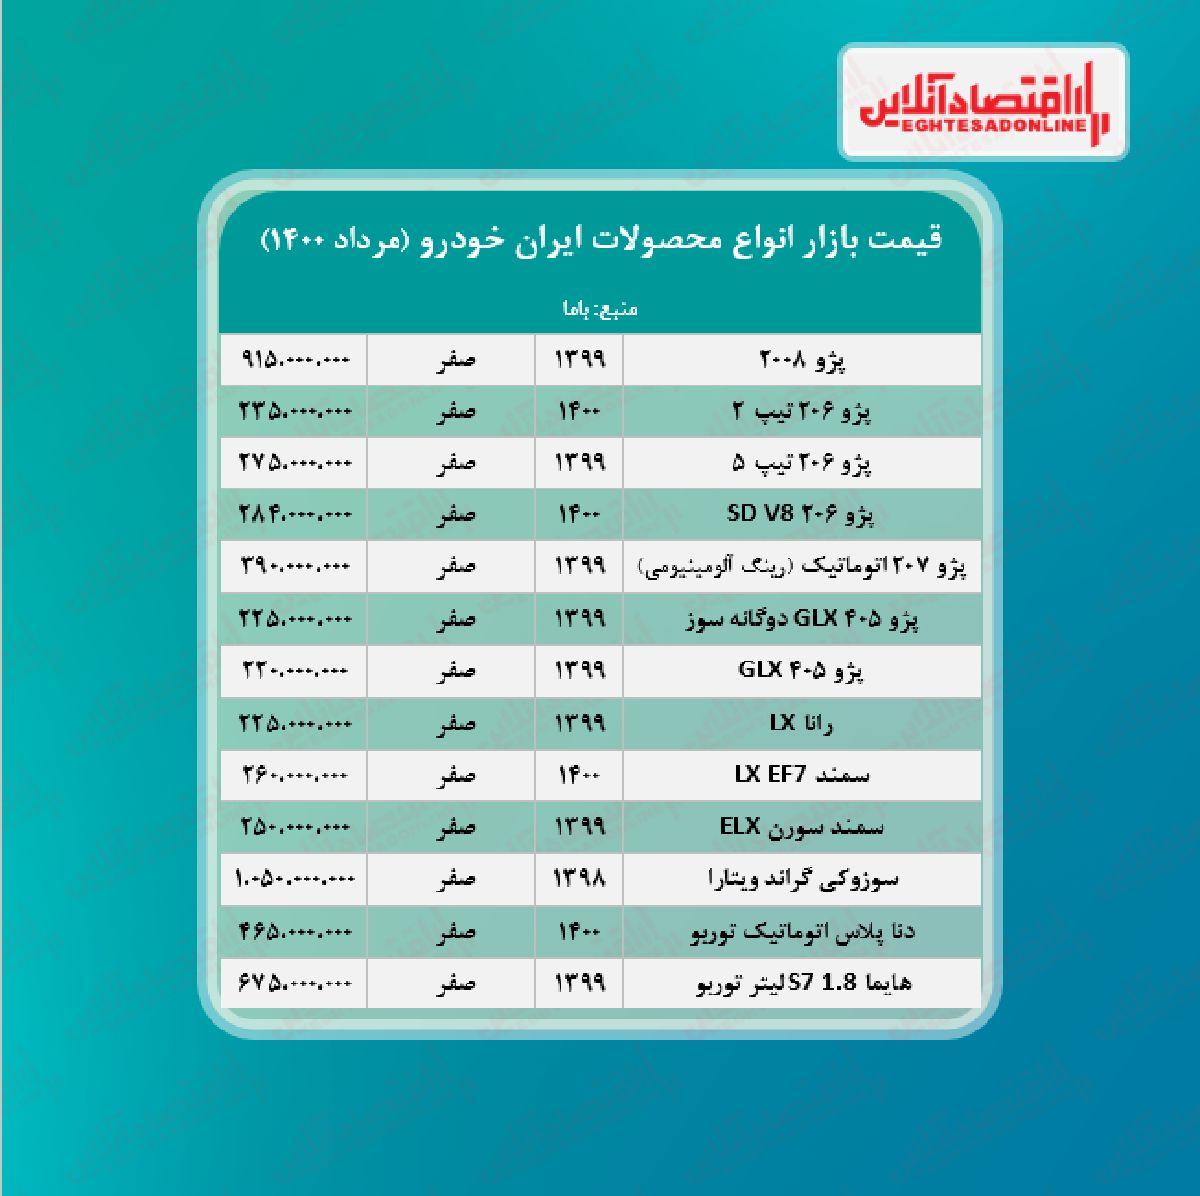 قیمت محصولات ایران خودرو امروز ۱۴۰۰/۵/۱۴